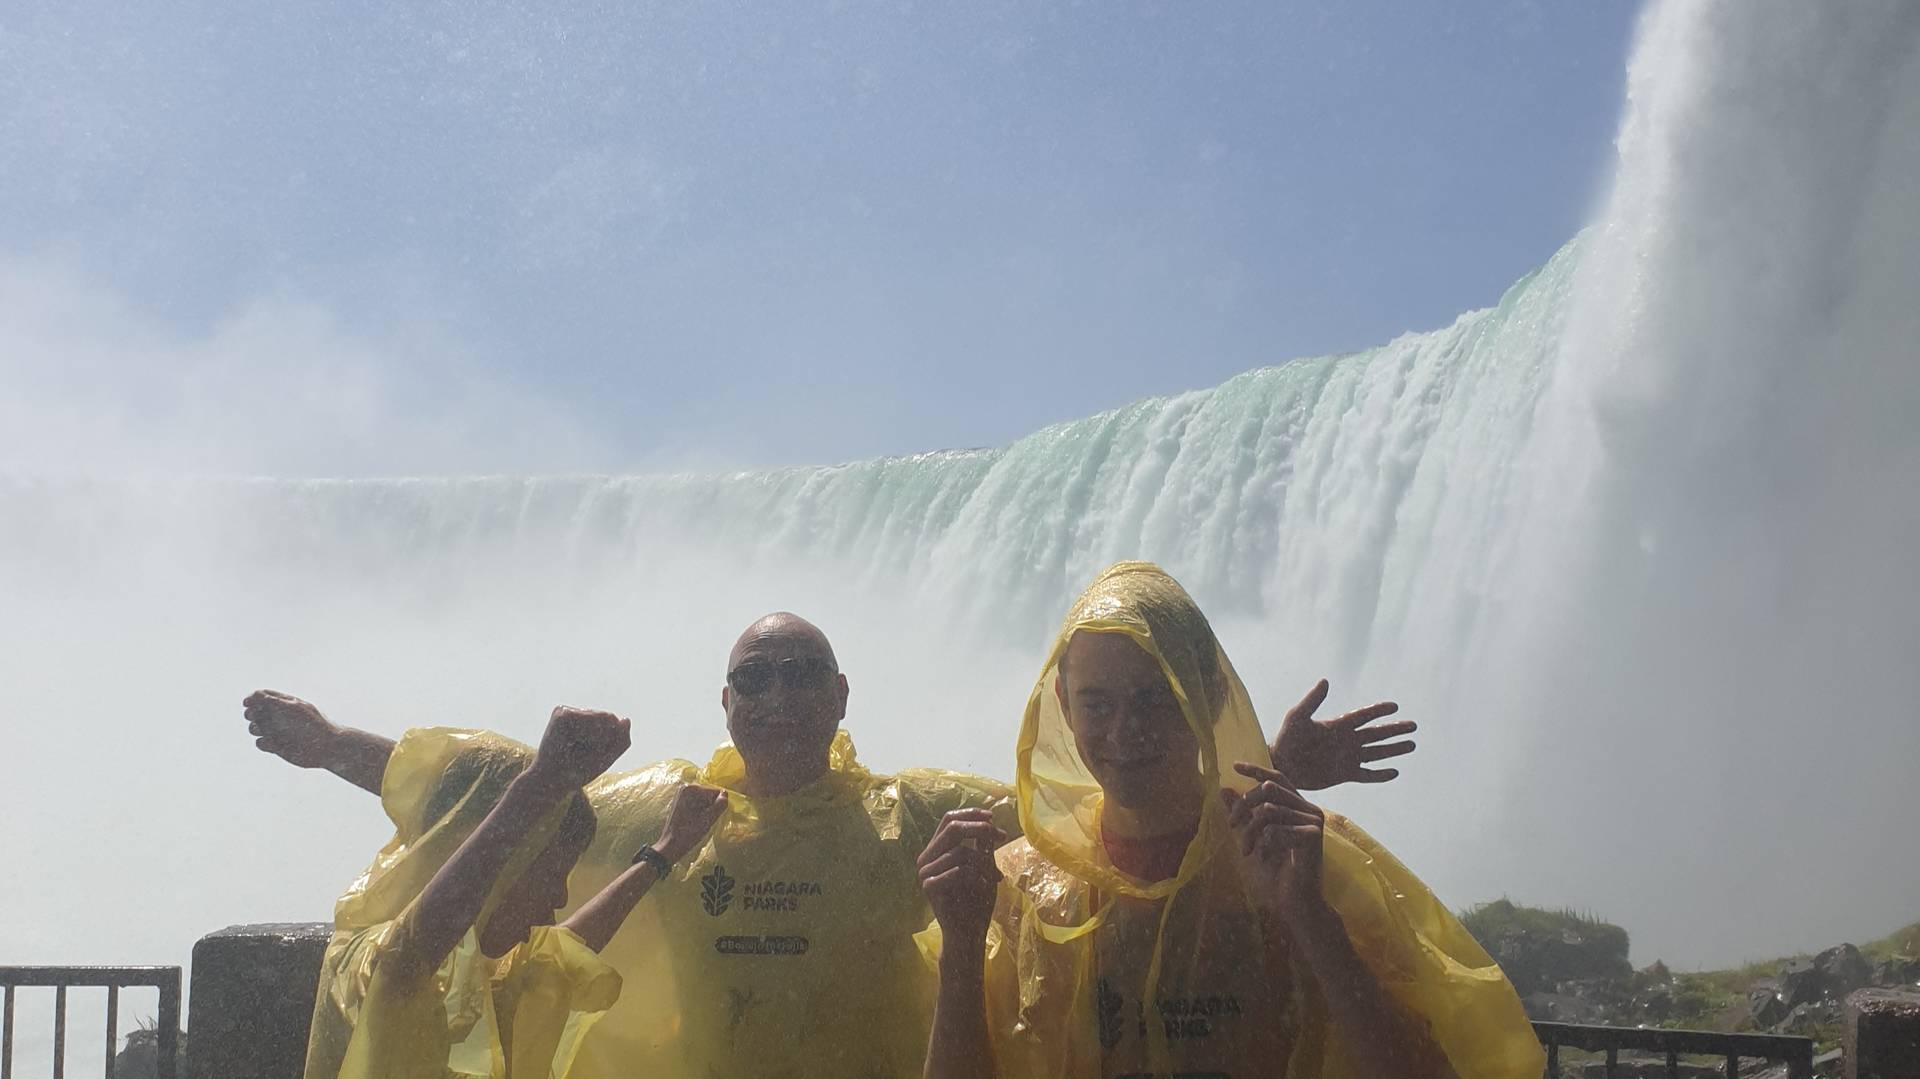 Behind the Falls, Niagara Falls